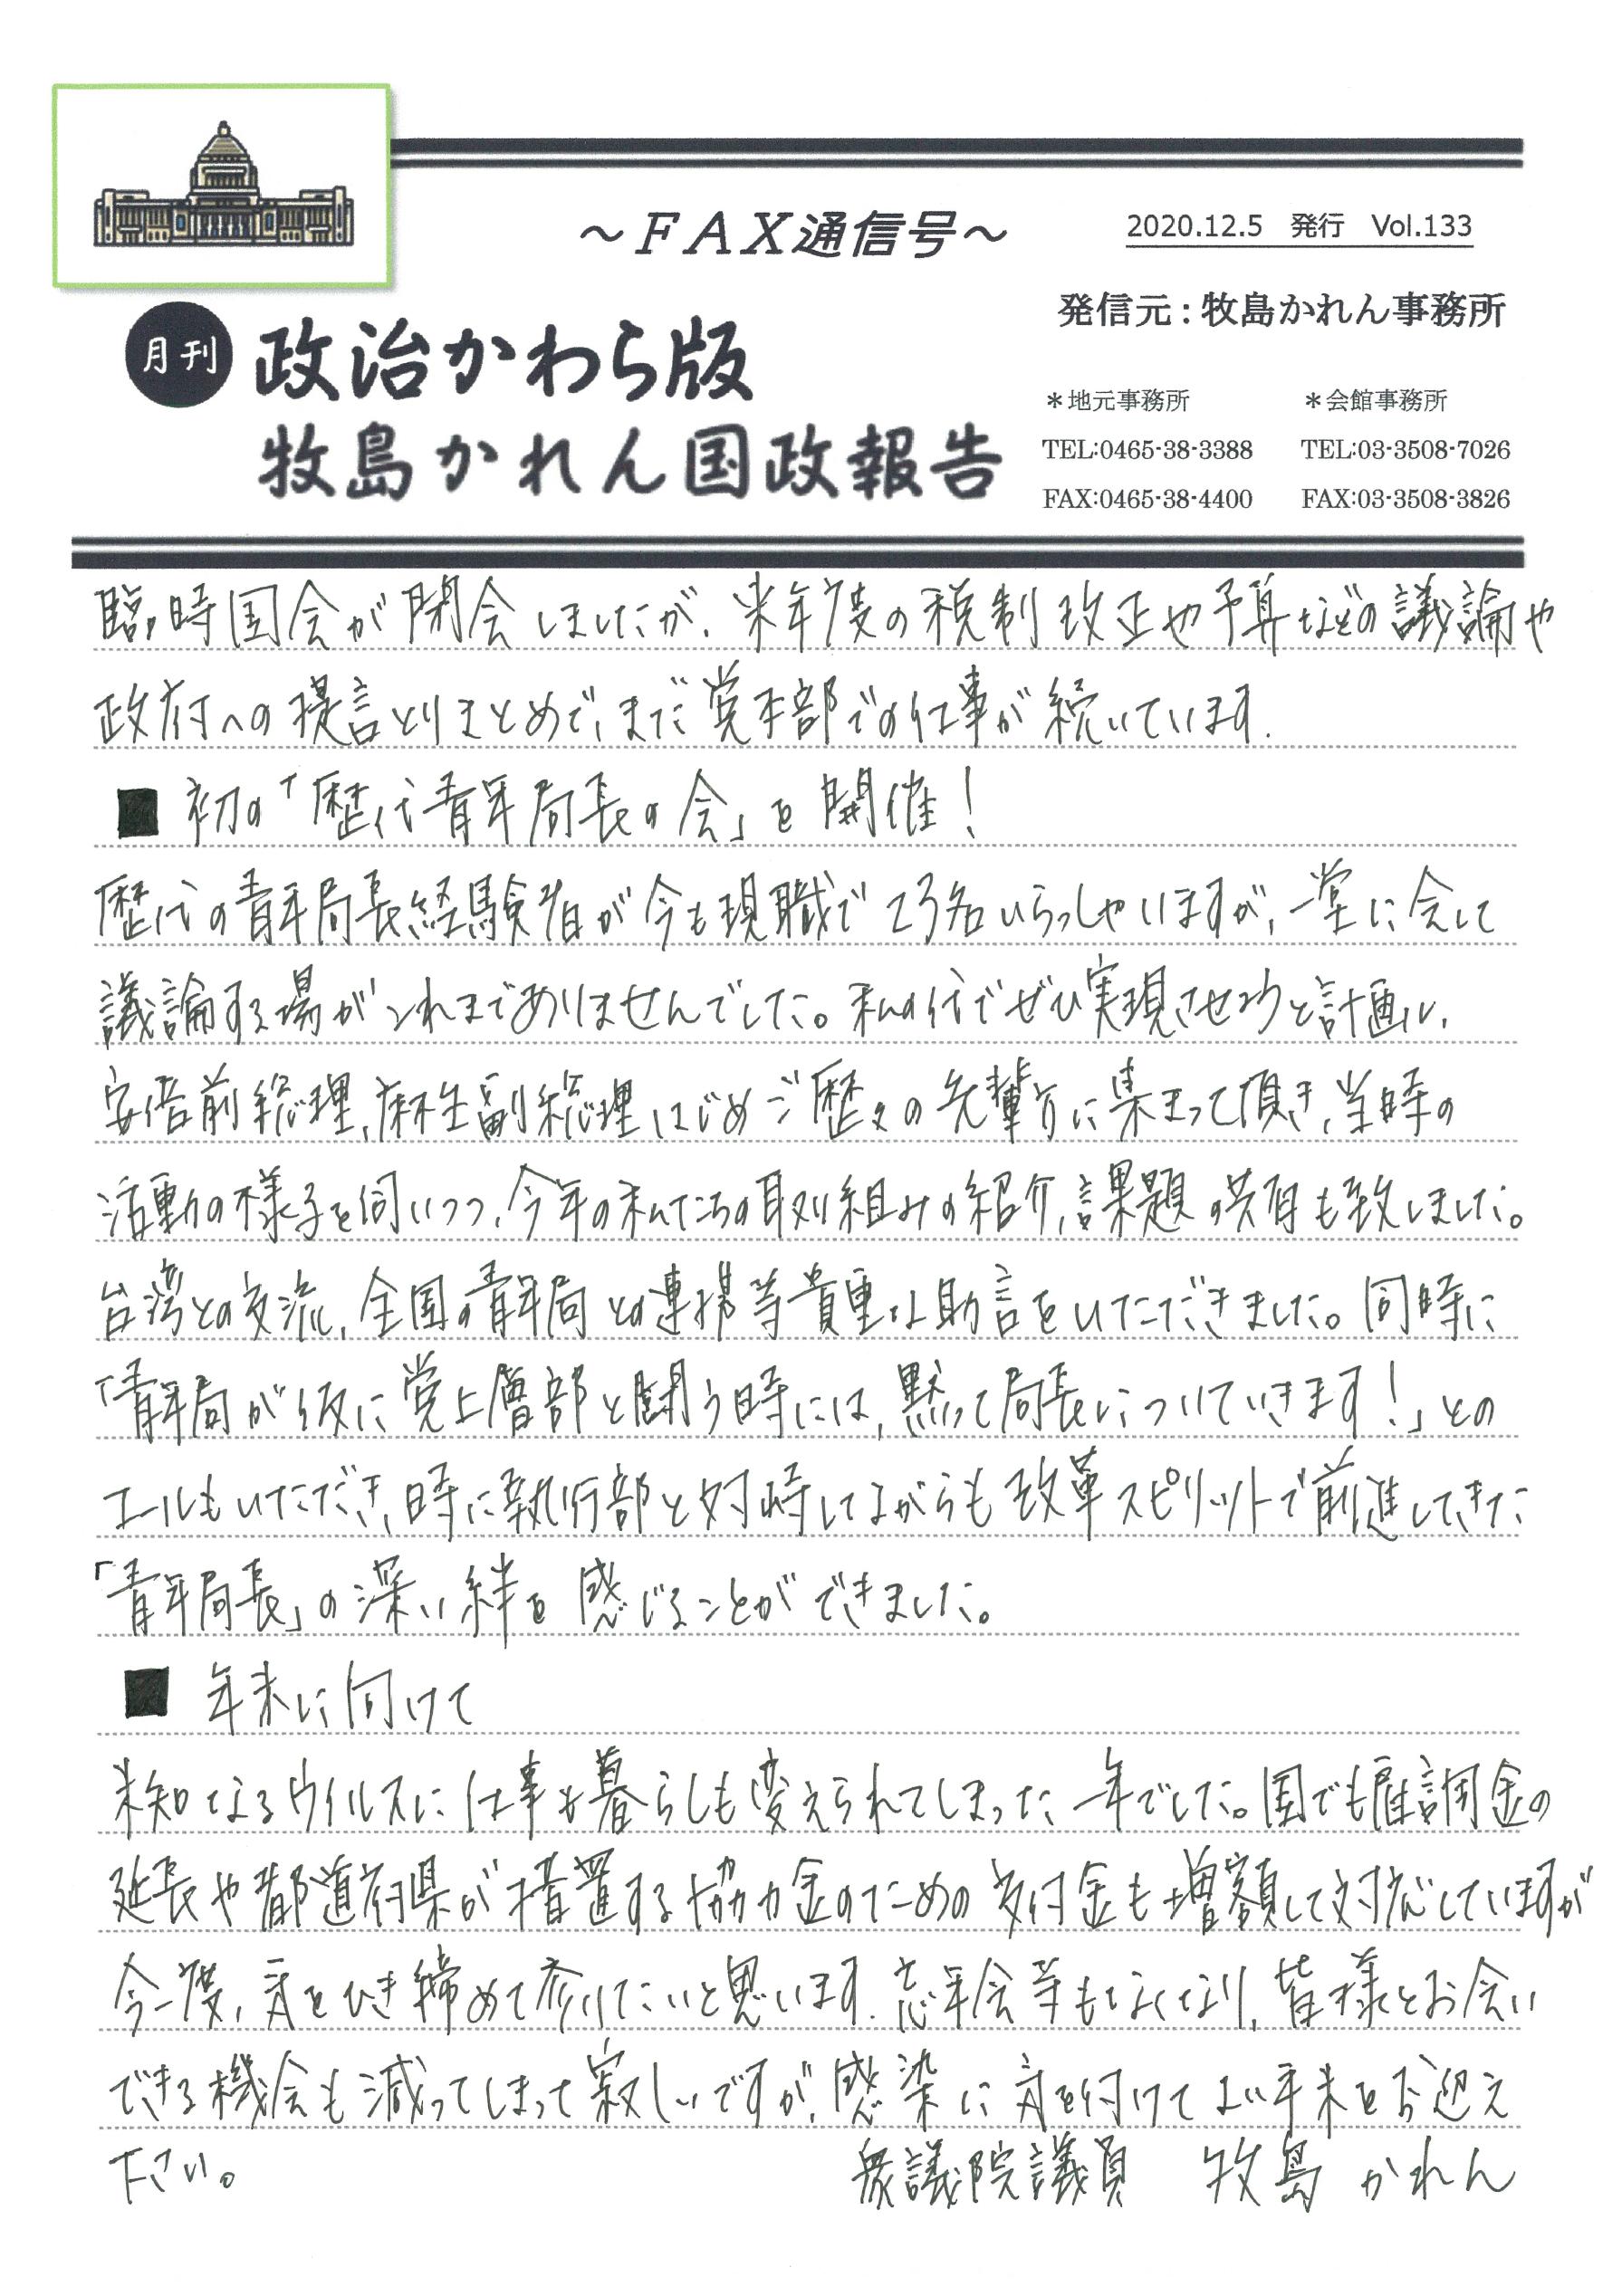 牧島かれん 政治かわら版12月号Vol.133